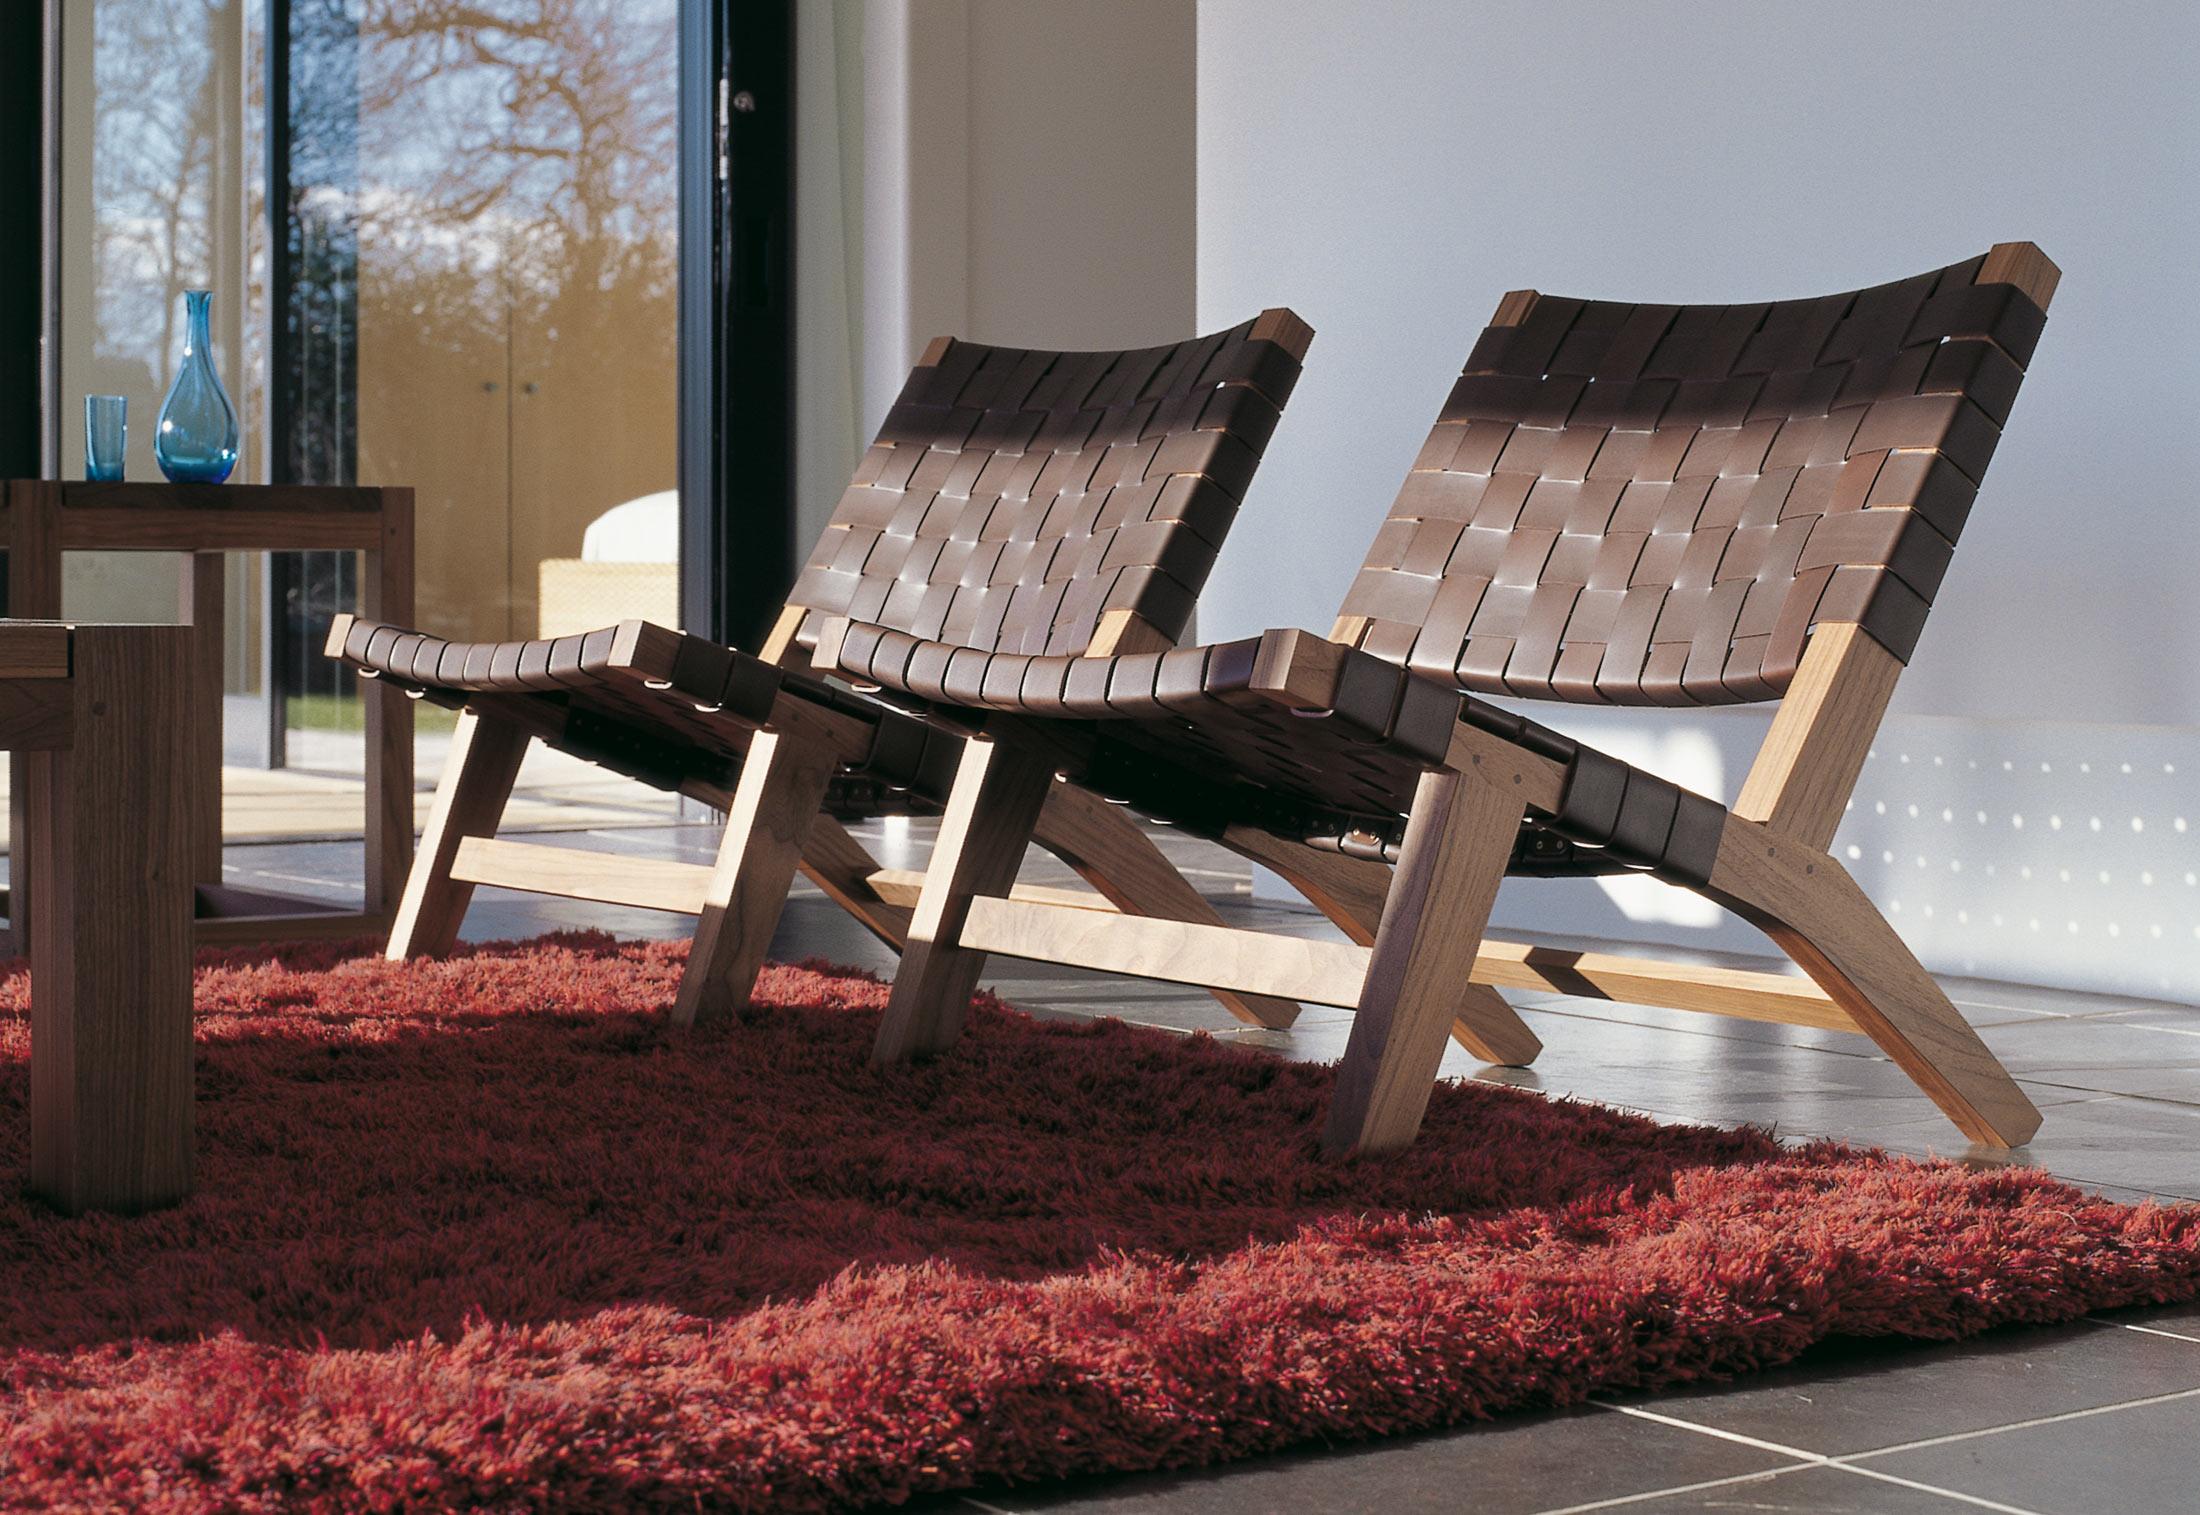 128 Lounge Chair By De La Espada Stylepark